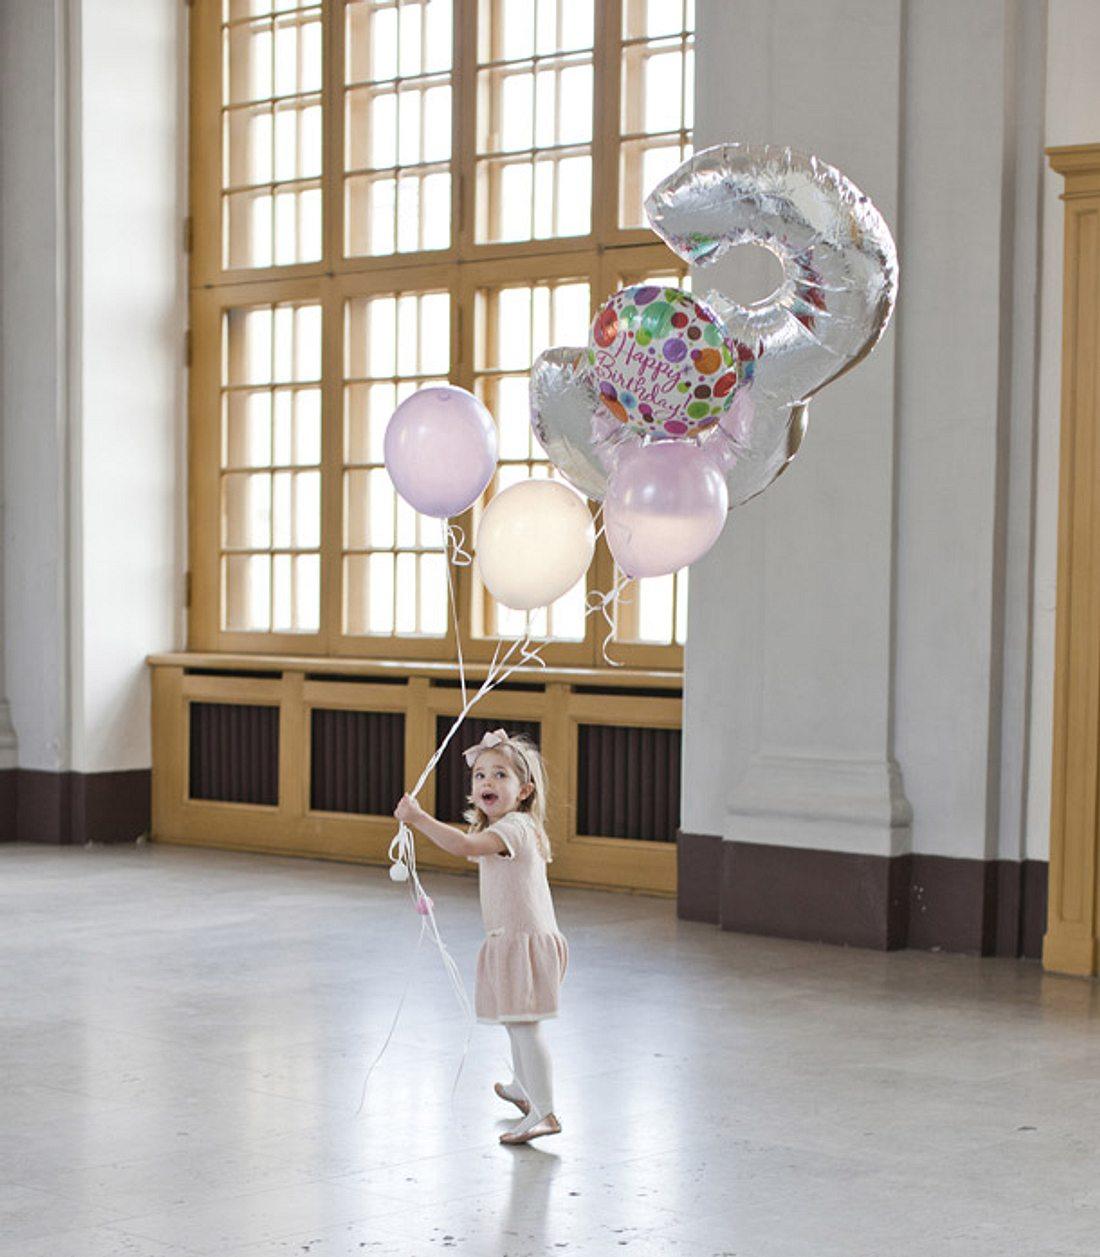 Neue Bilder zu Leonores dritten Geburtstag.